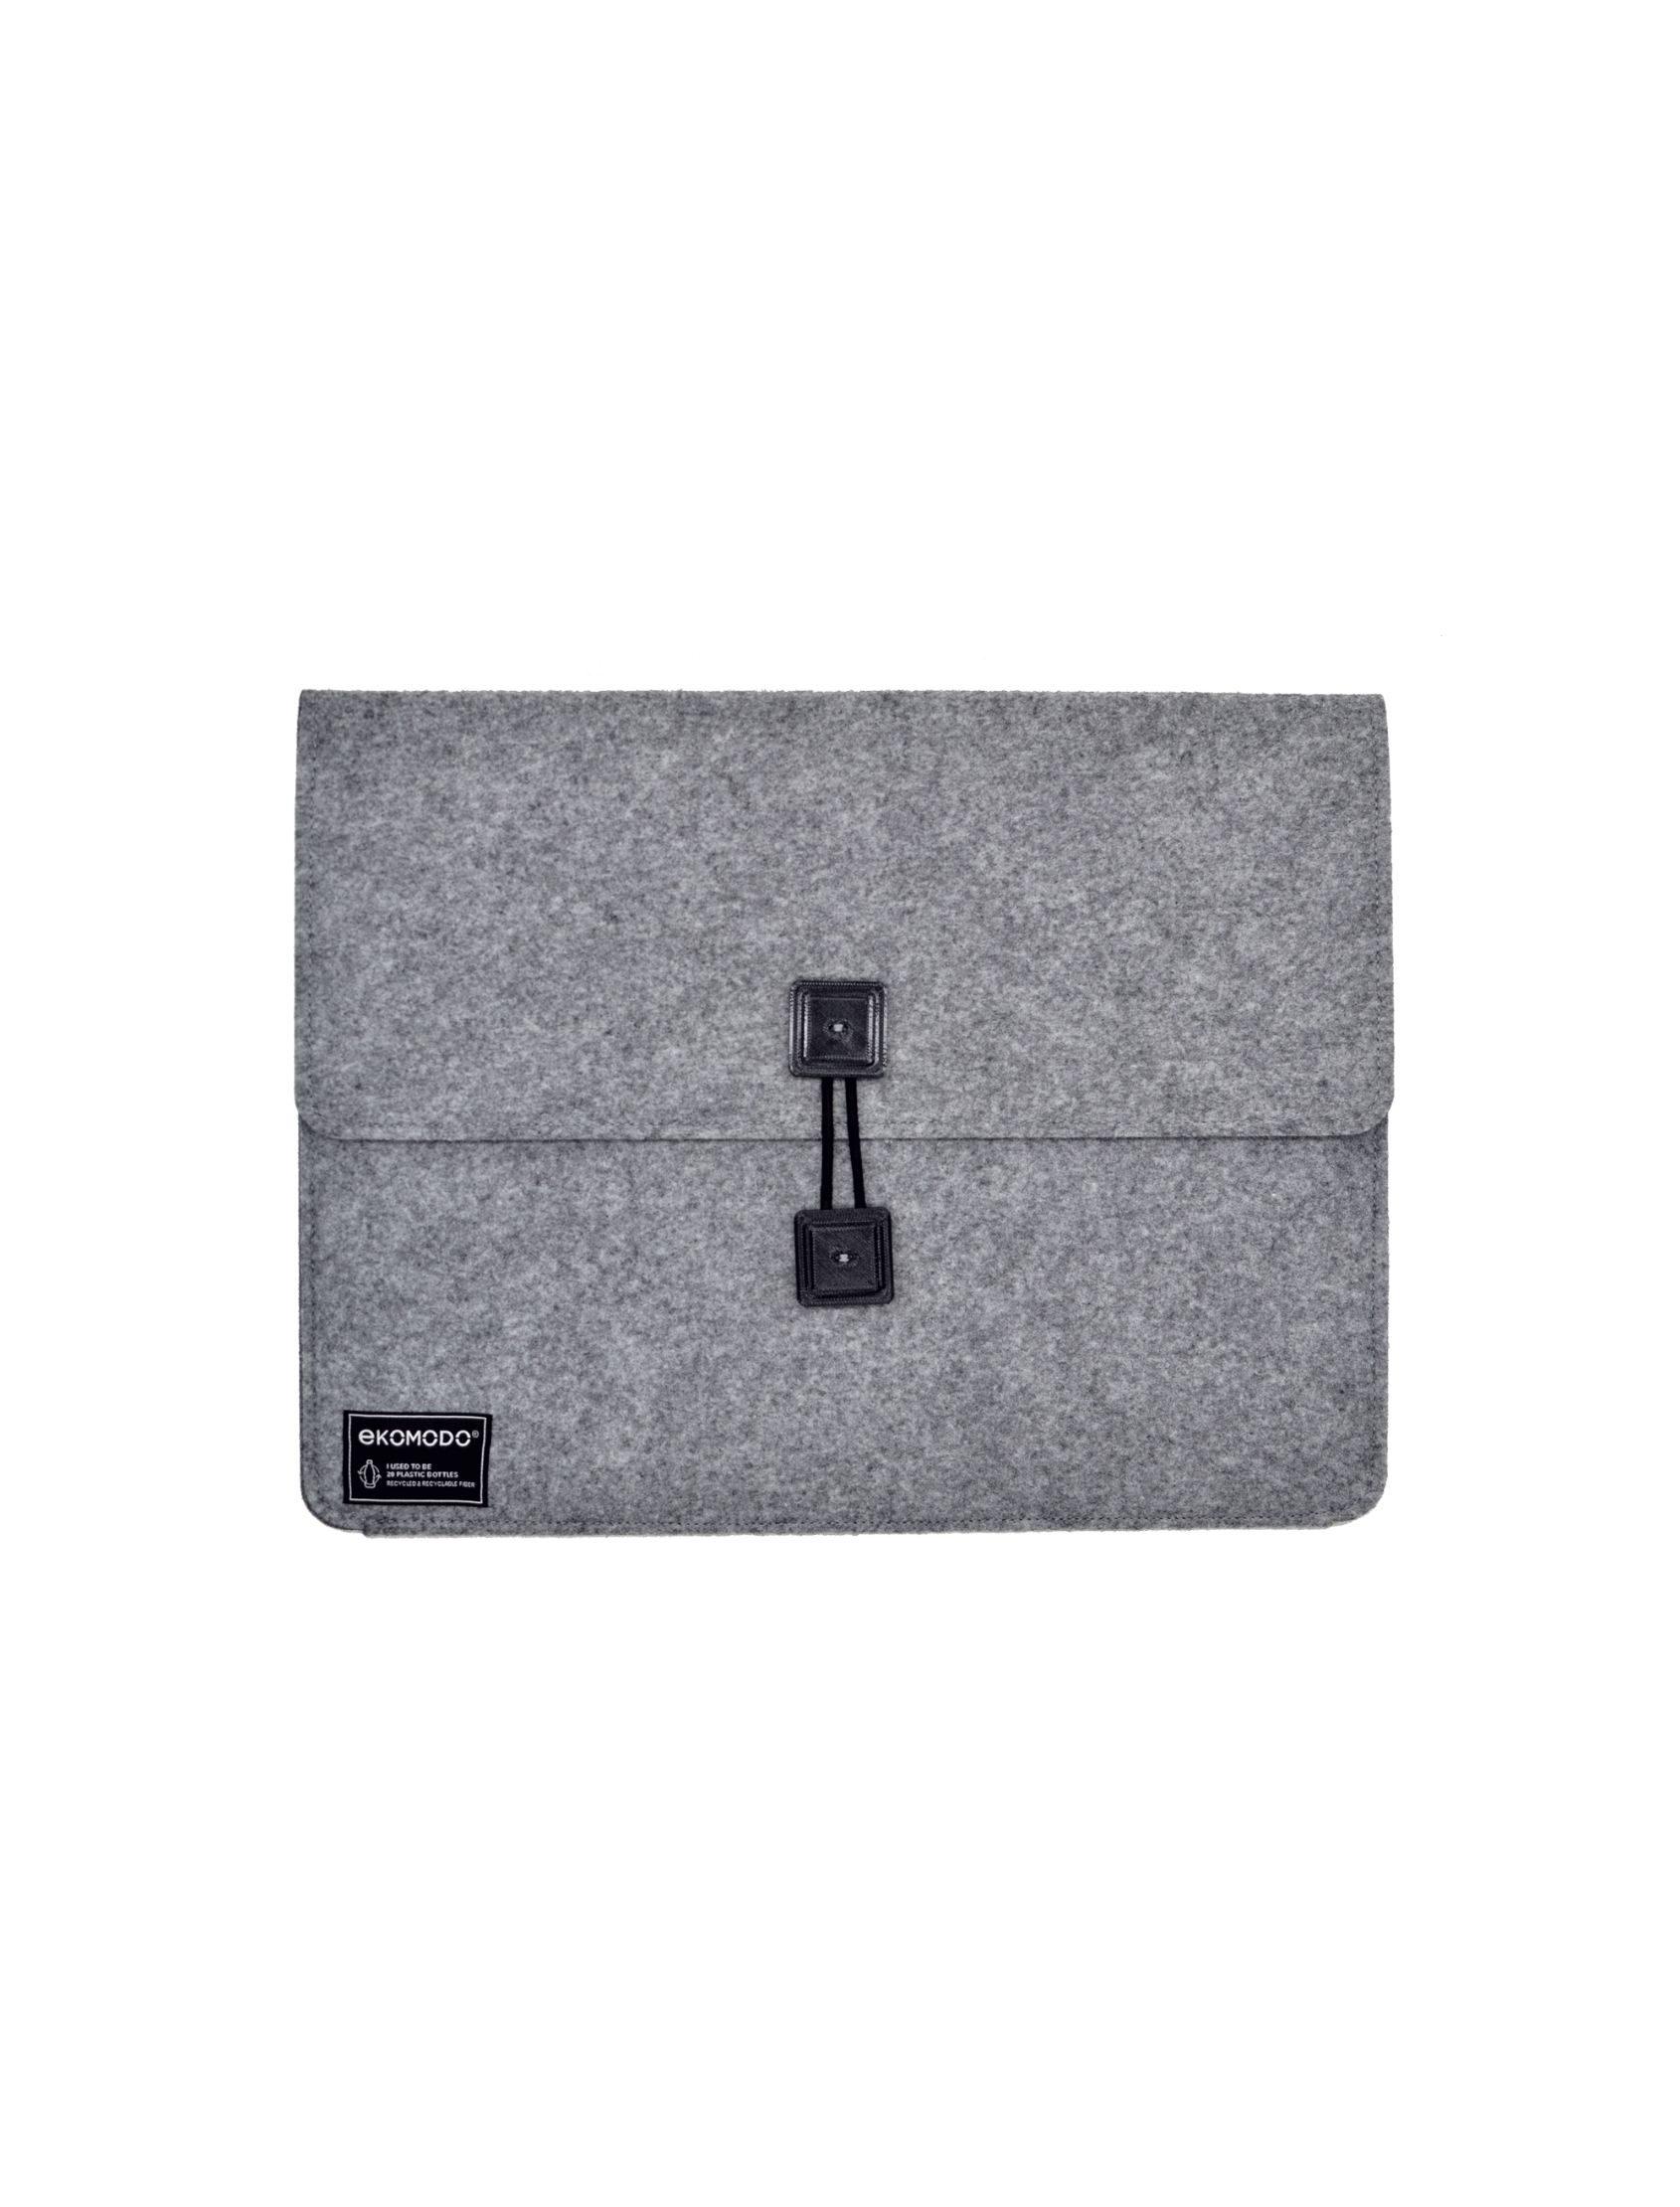 funda bat regular en gris con botones negros de tejido reciclado para documentos, portátil, libros...